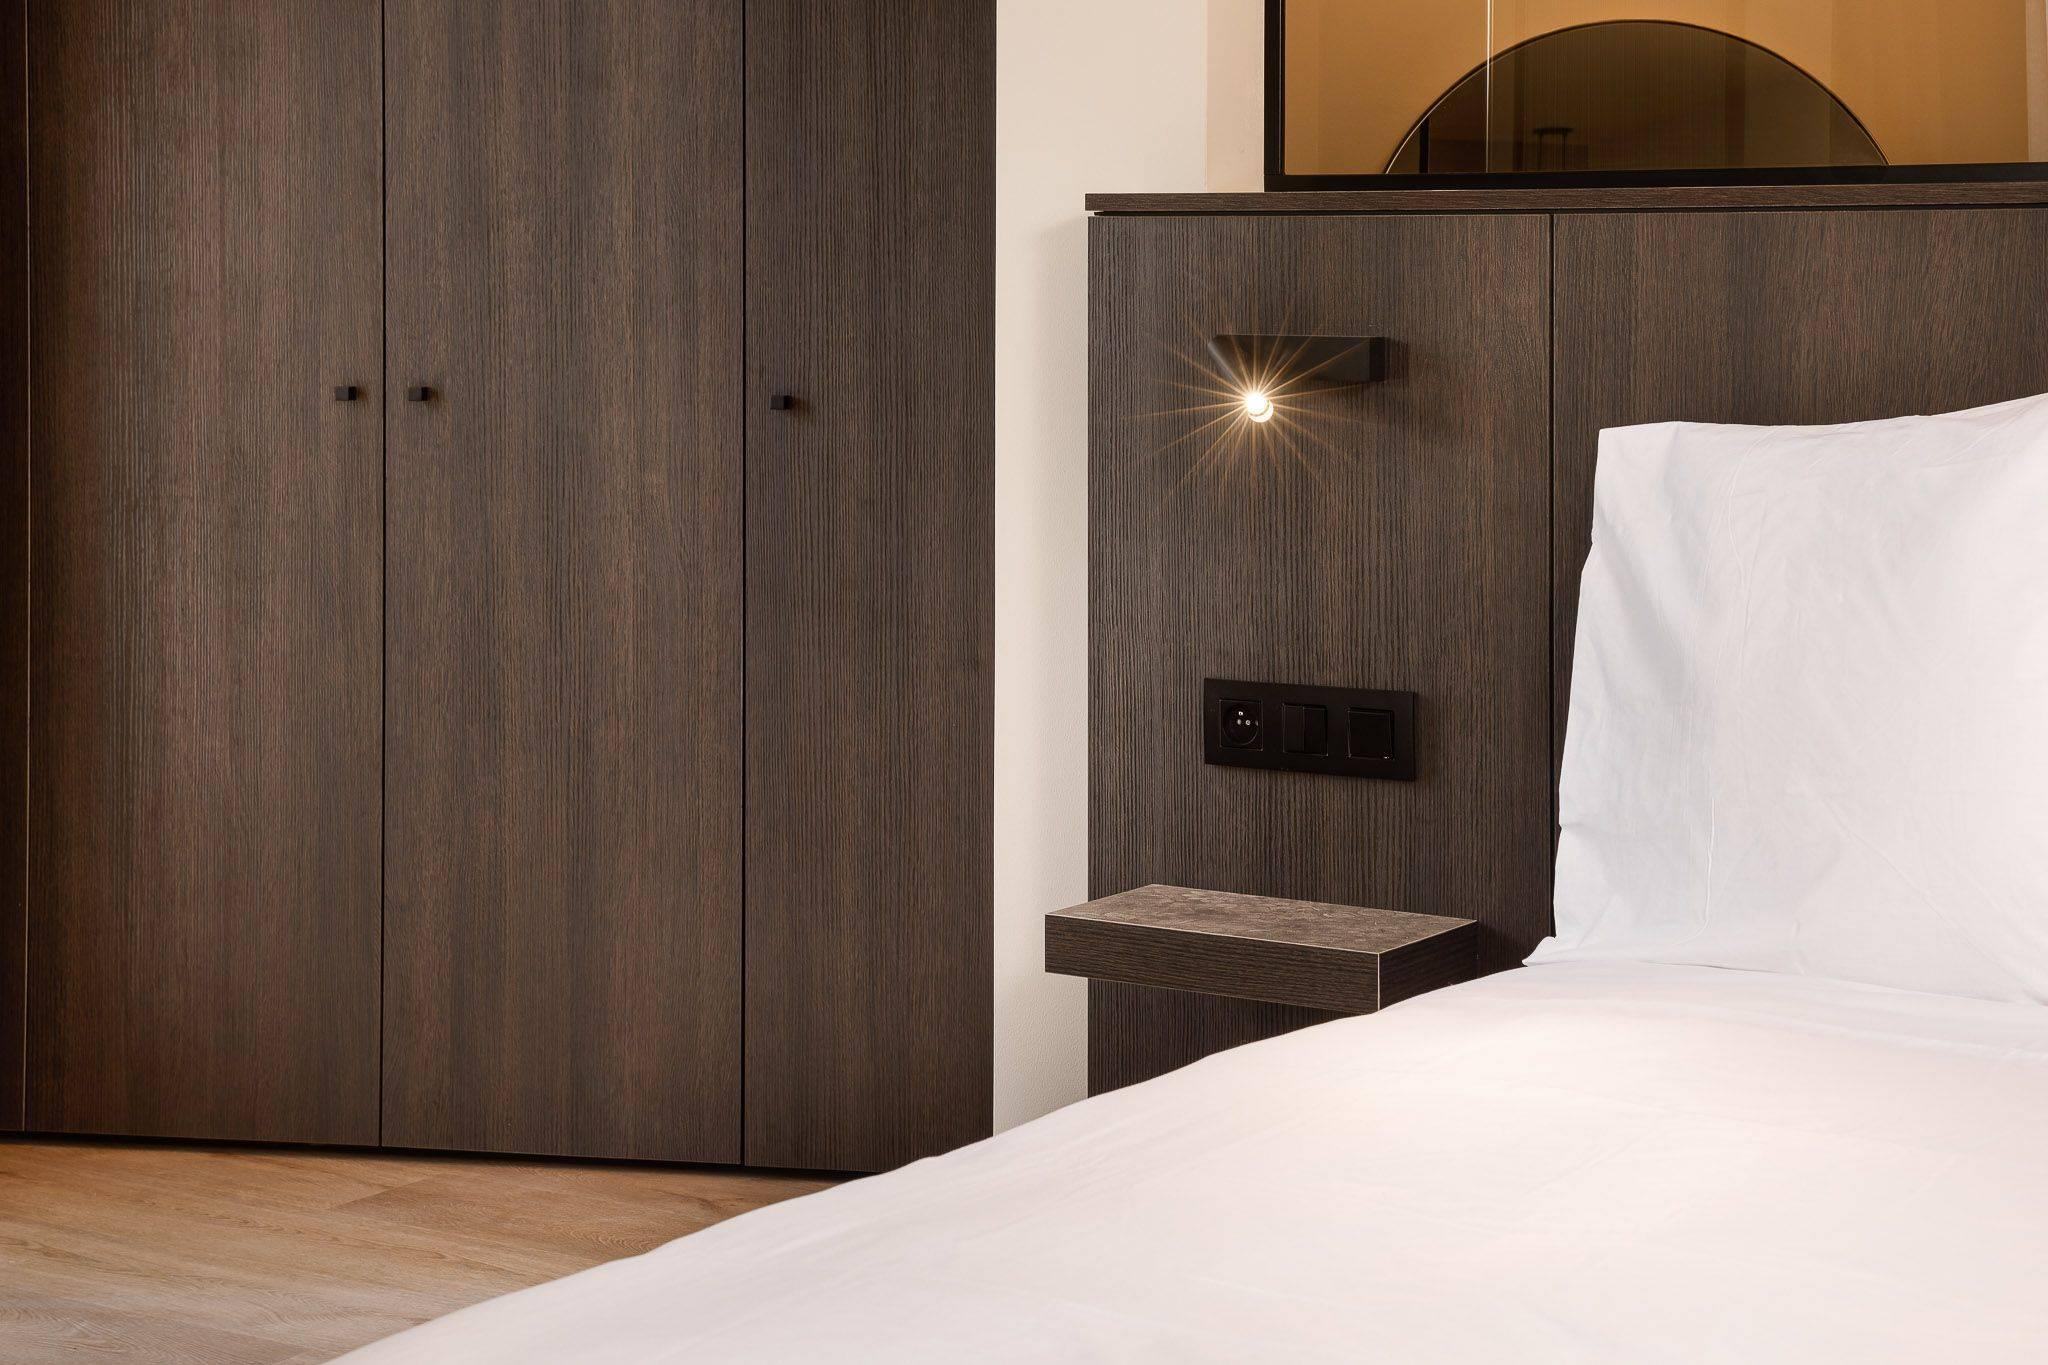 Hotel Lugano STANDAARD TWEEPERSOONSKAMER